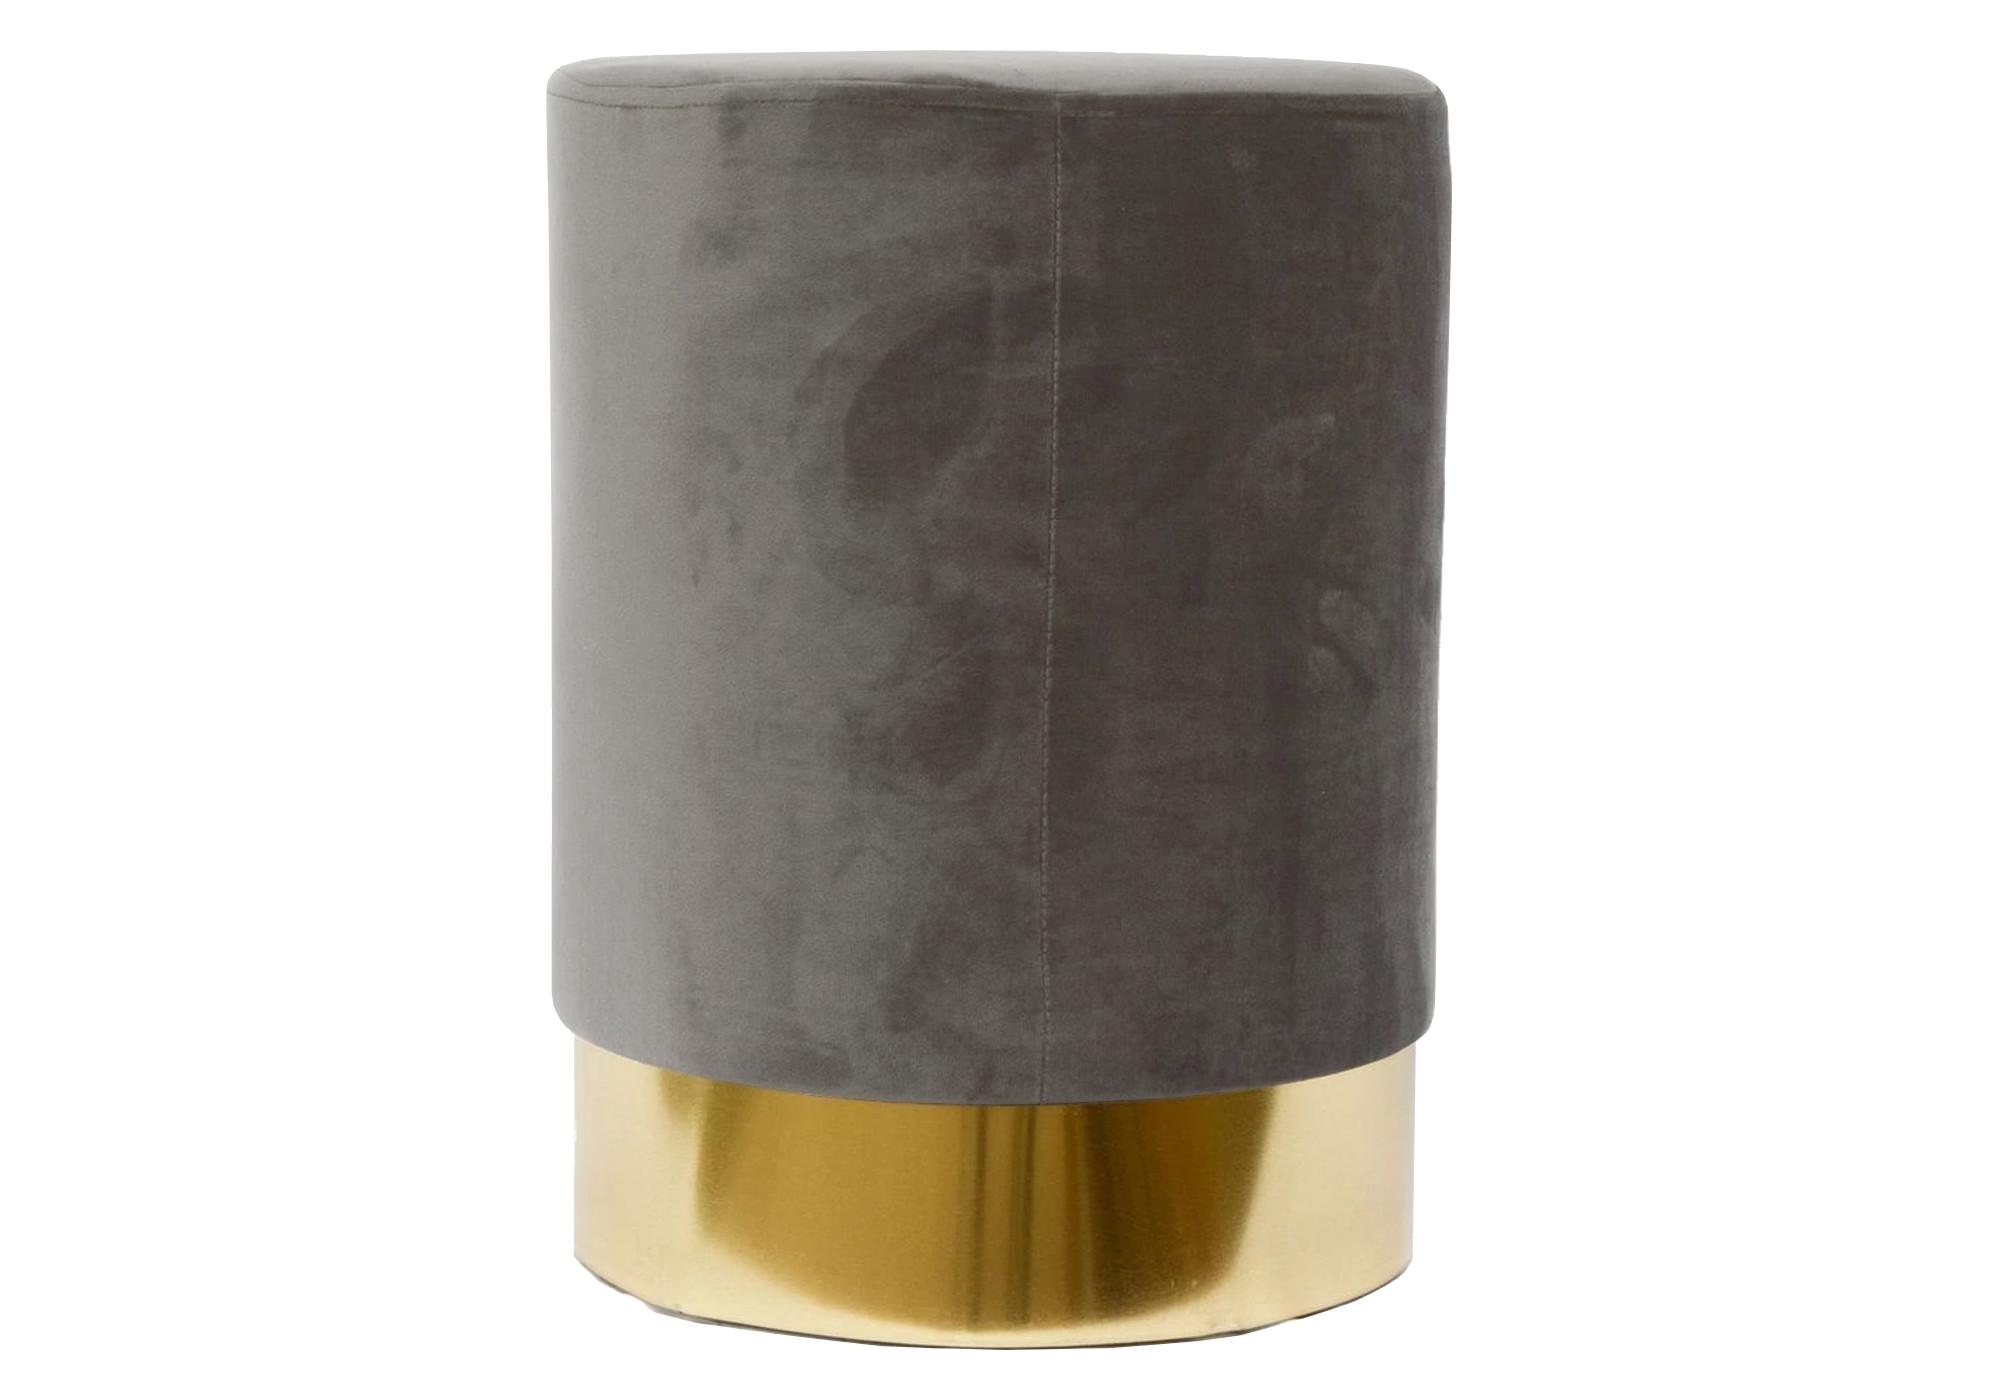 Pouf design doré velours gris LISY